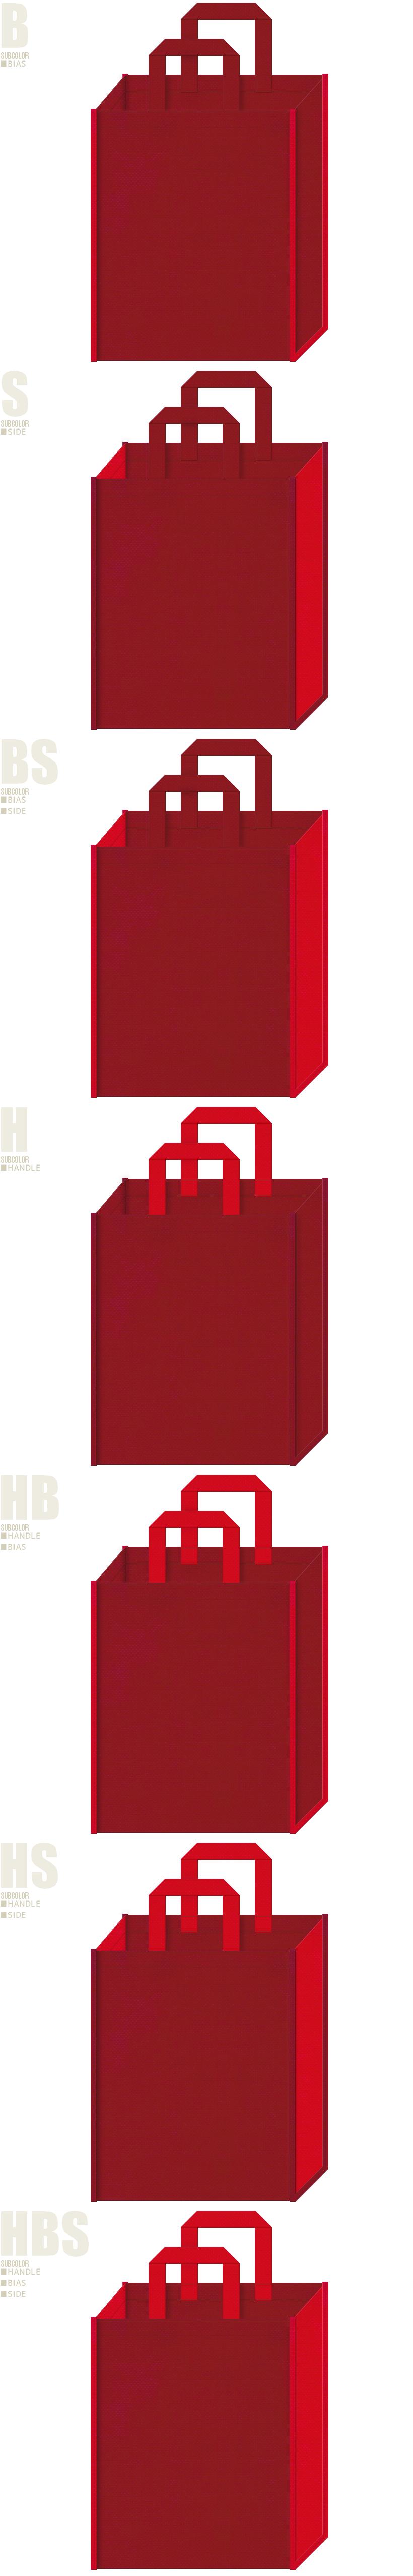 クリスマス・お正月・福袋にお奨めの不織布バッグデザイン:エンジ色と紅色の不織布バッグデザイン